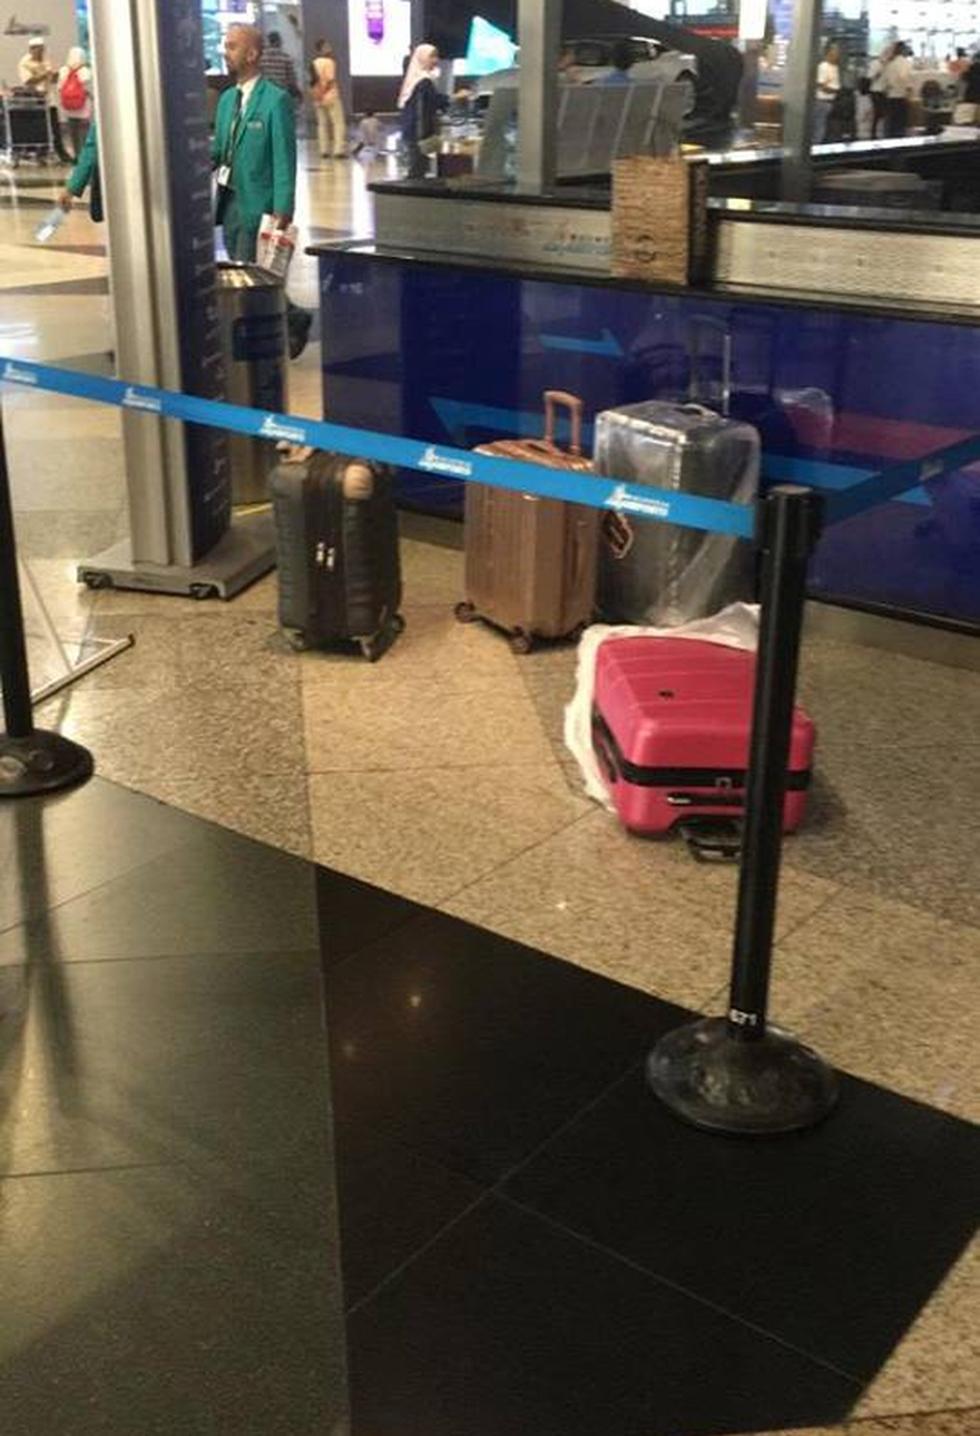 Nói có bom trong hành lý, 2 nữ hành khách Việt bị giữ ở Malaysia - Ảnh 2